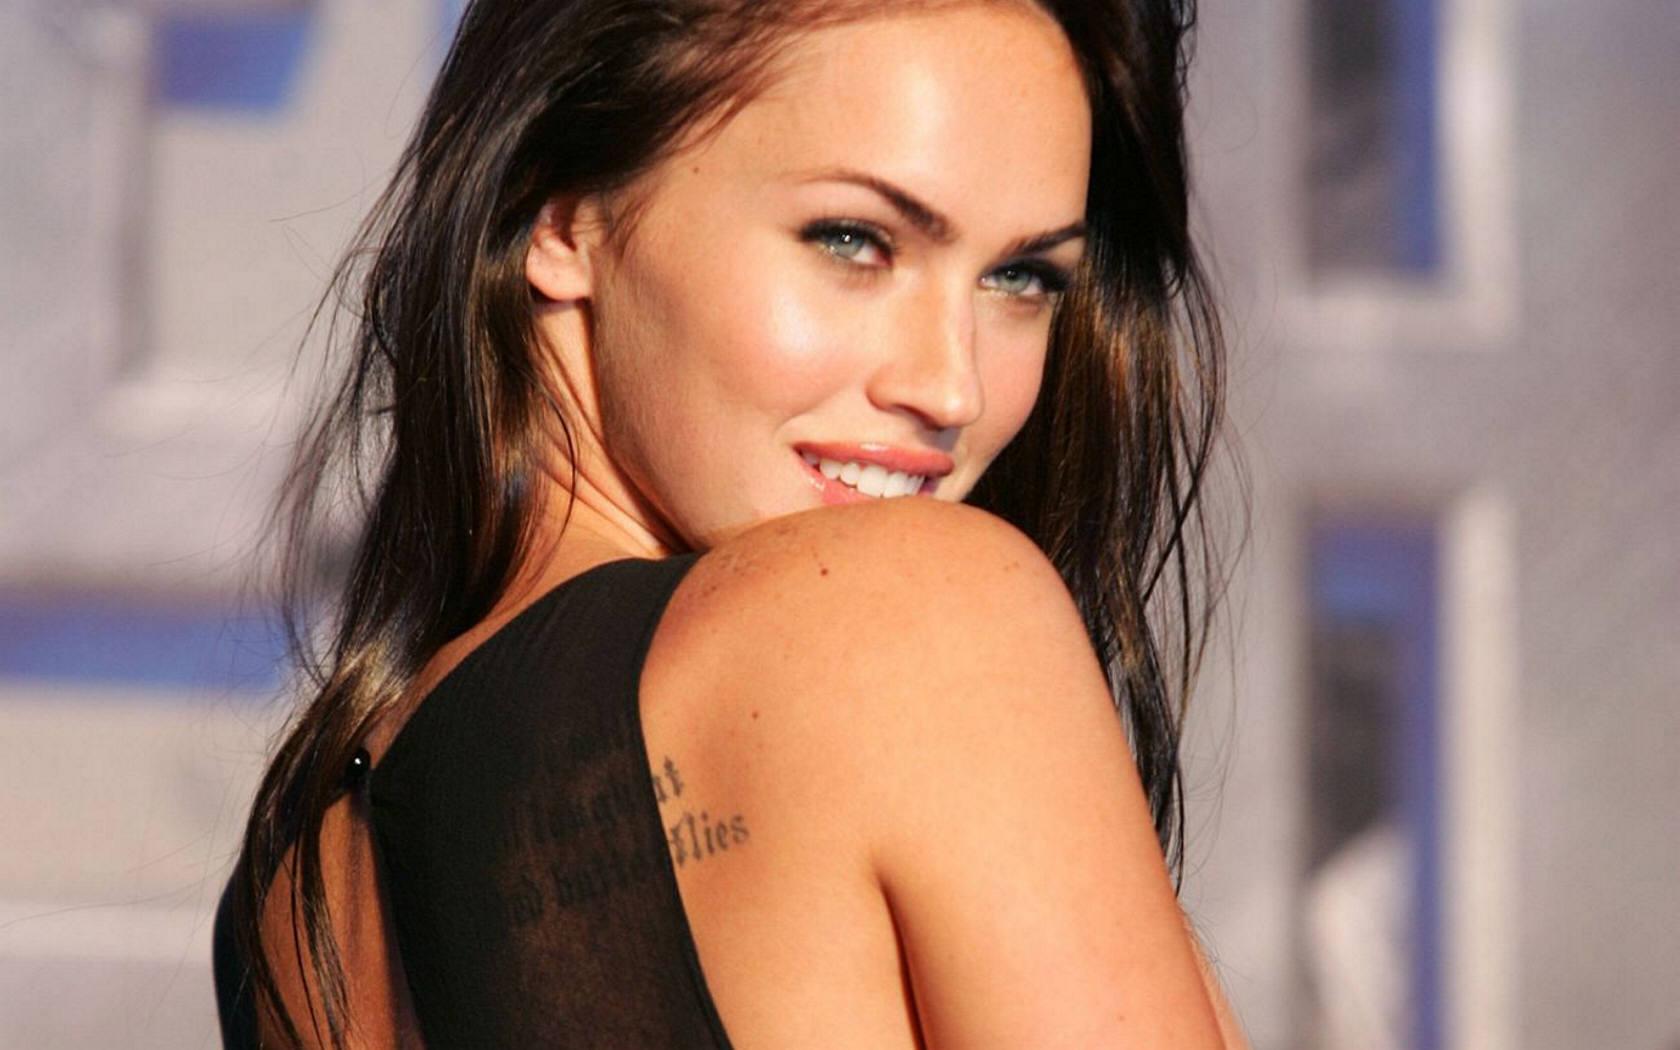 Megan Fox/მეგან ფოქსი Cdd2480a452b1985b64347b0f1c613ff